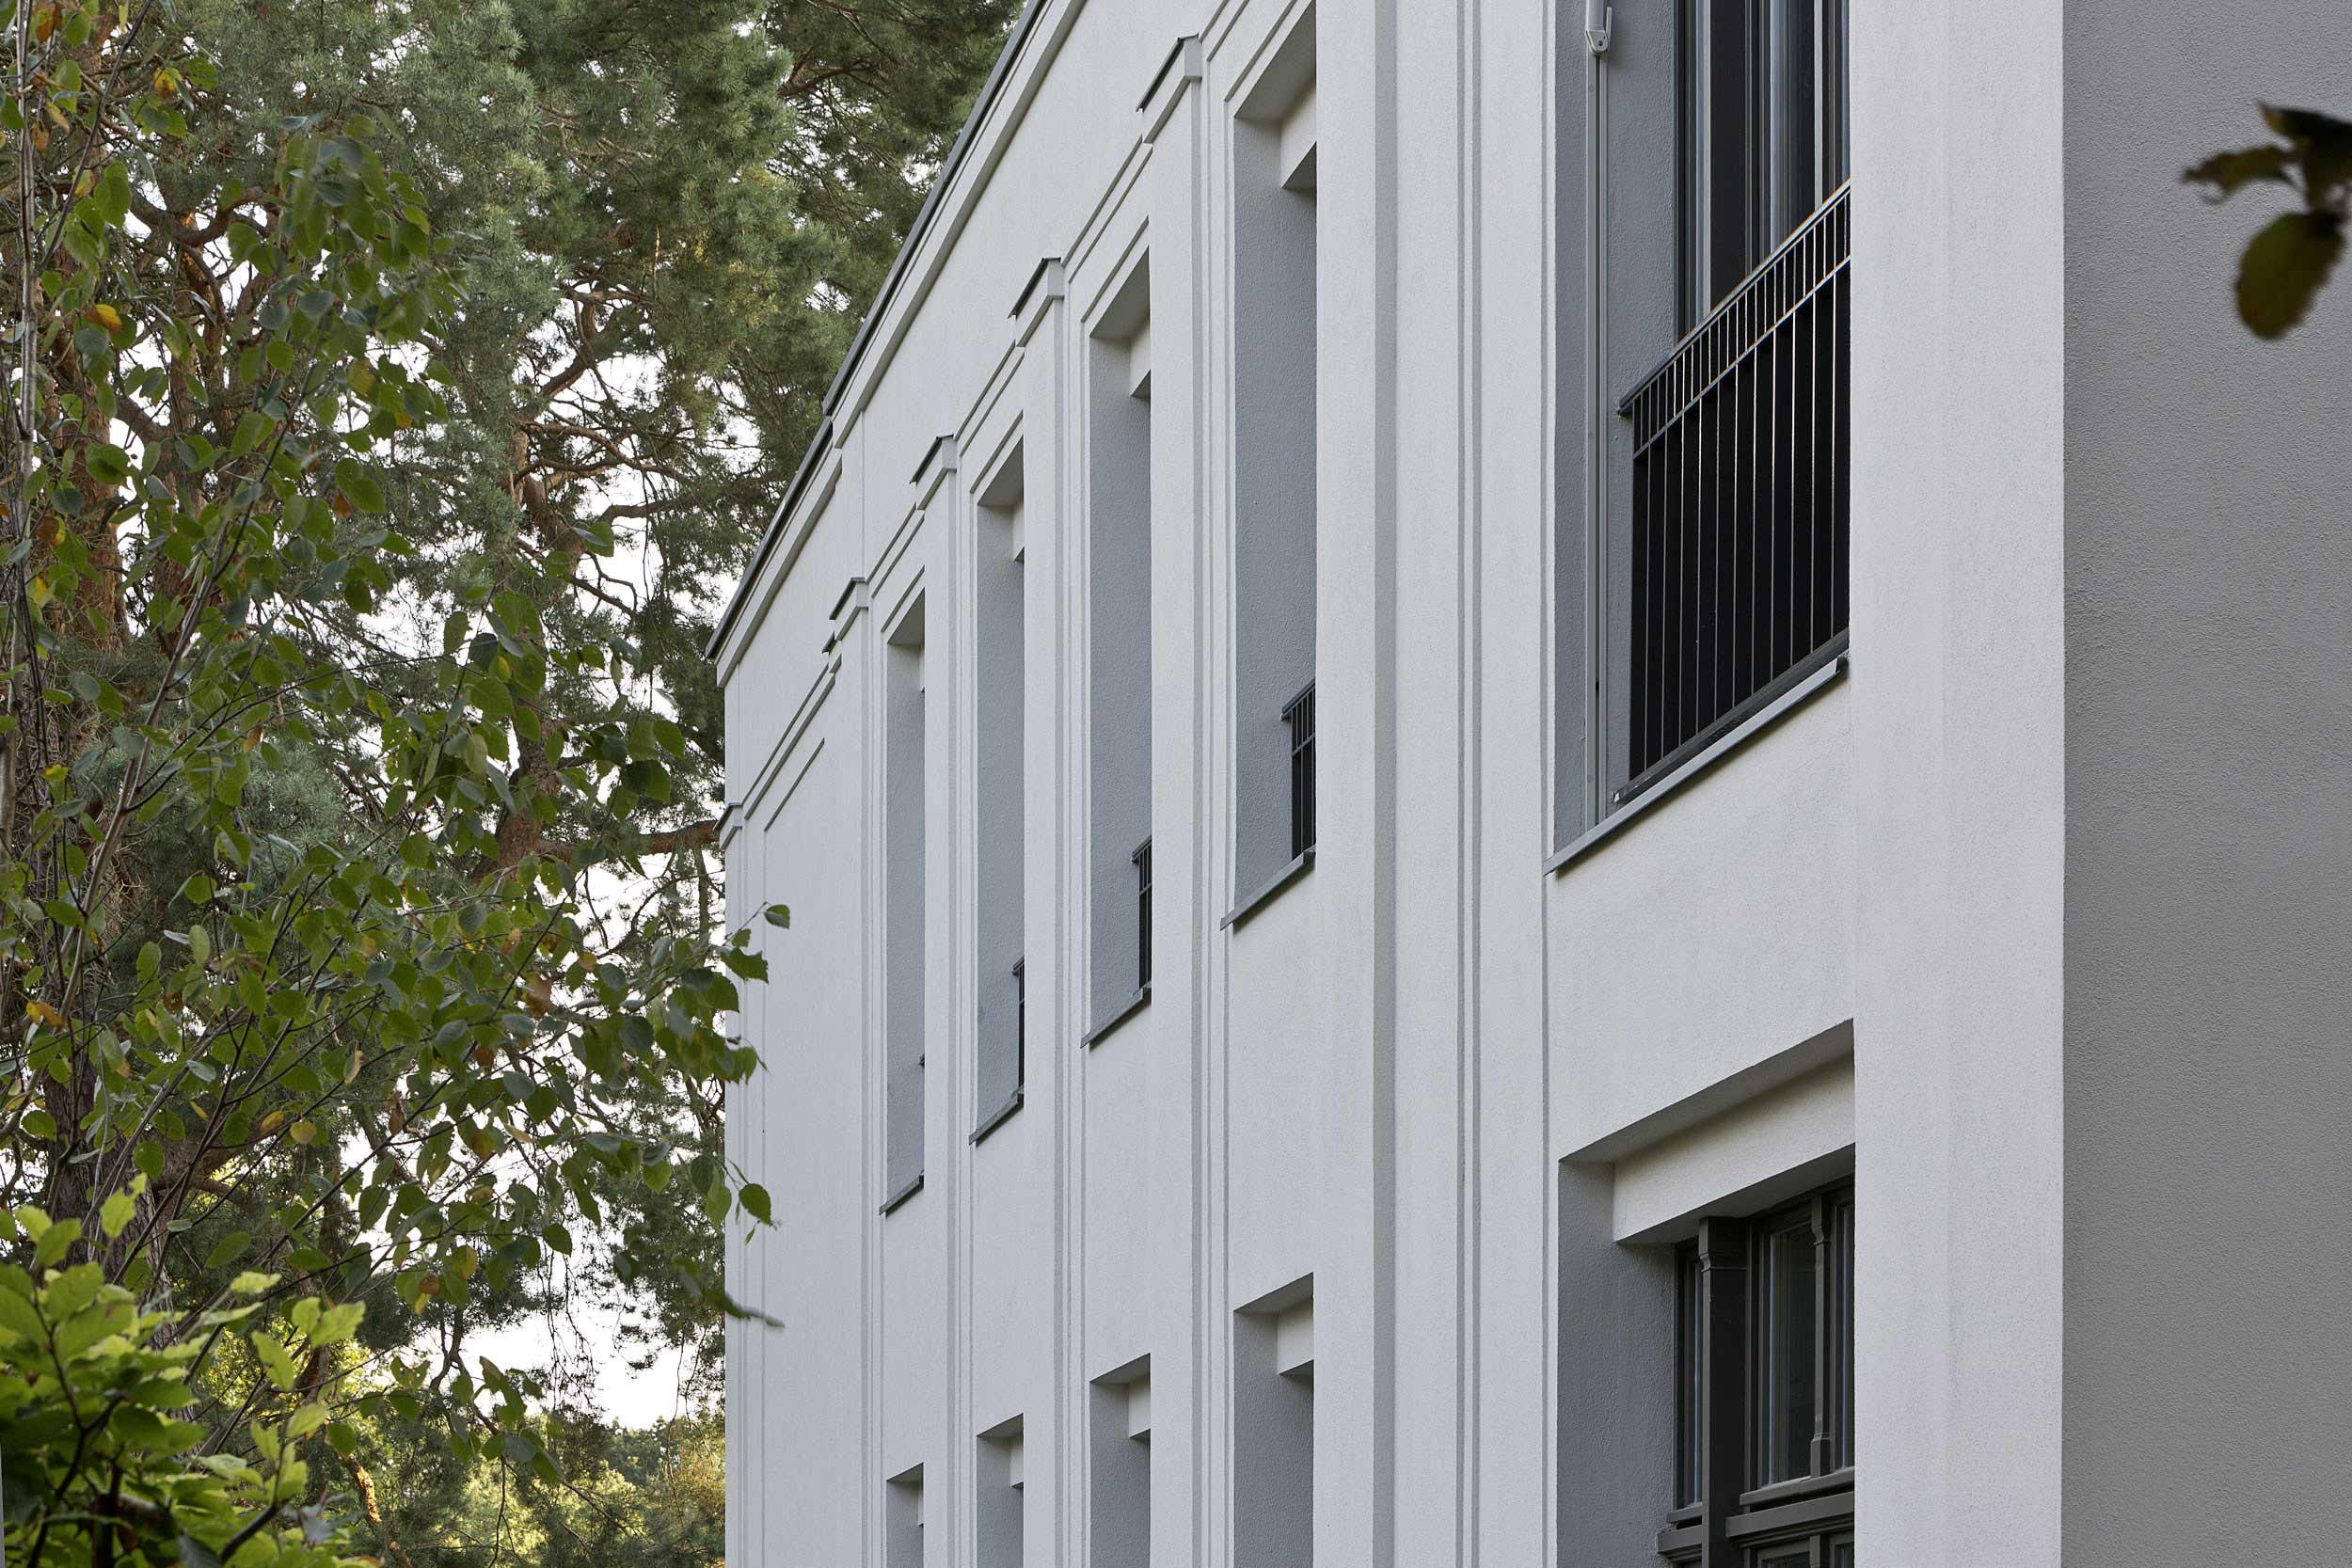 Neubau einer Villa im neoklassizistischen Stil - Die Fassade aus Massivputz mit fein strukturierten Lisenen und französischen Fenstern im Altbaustil